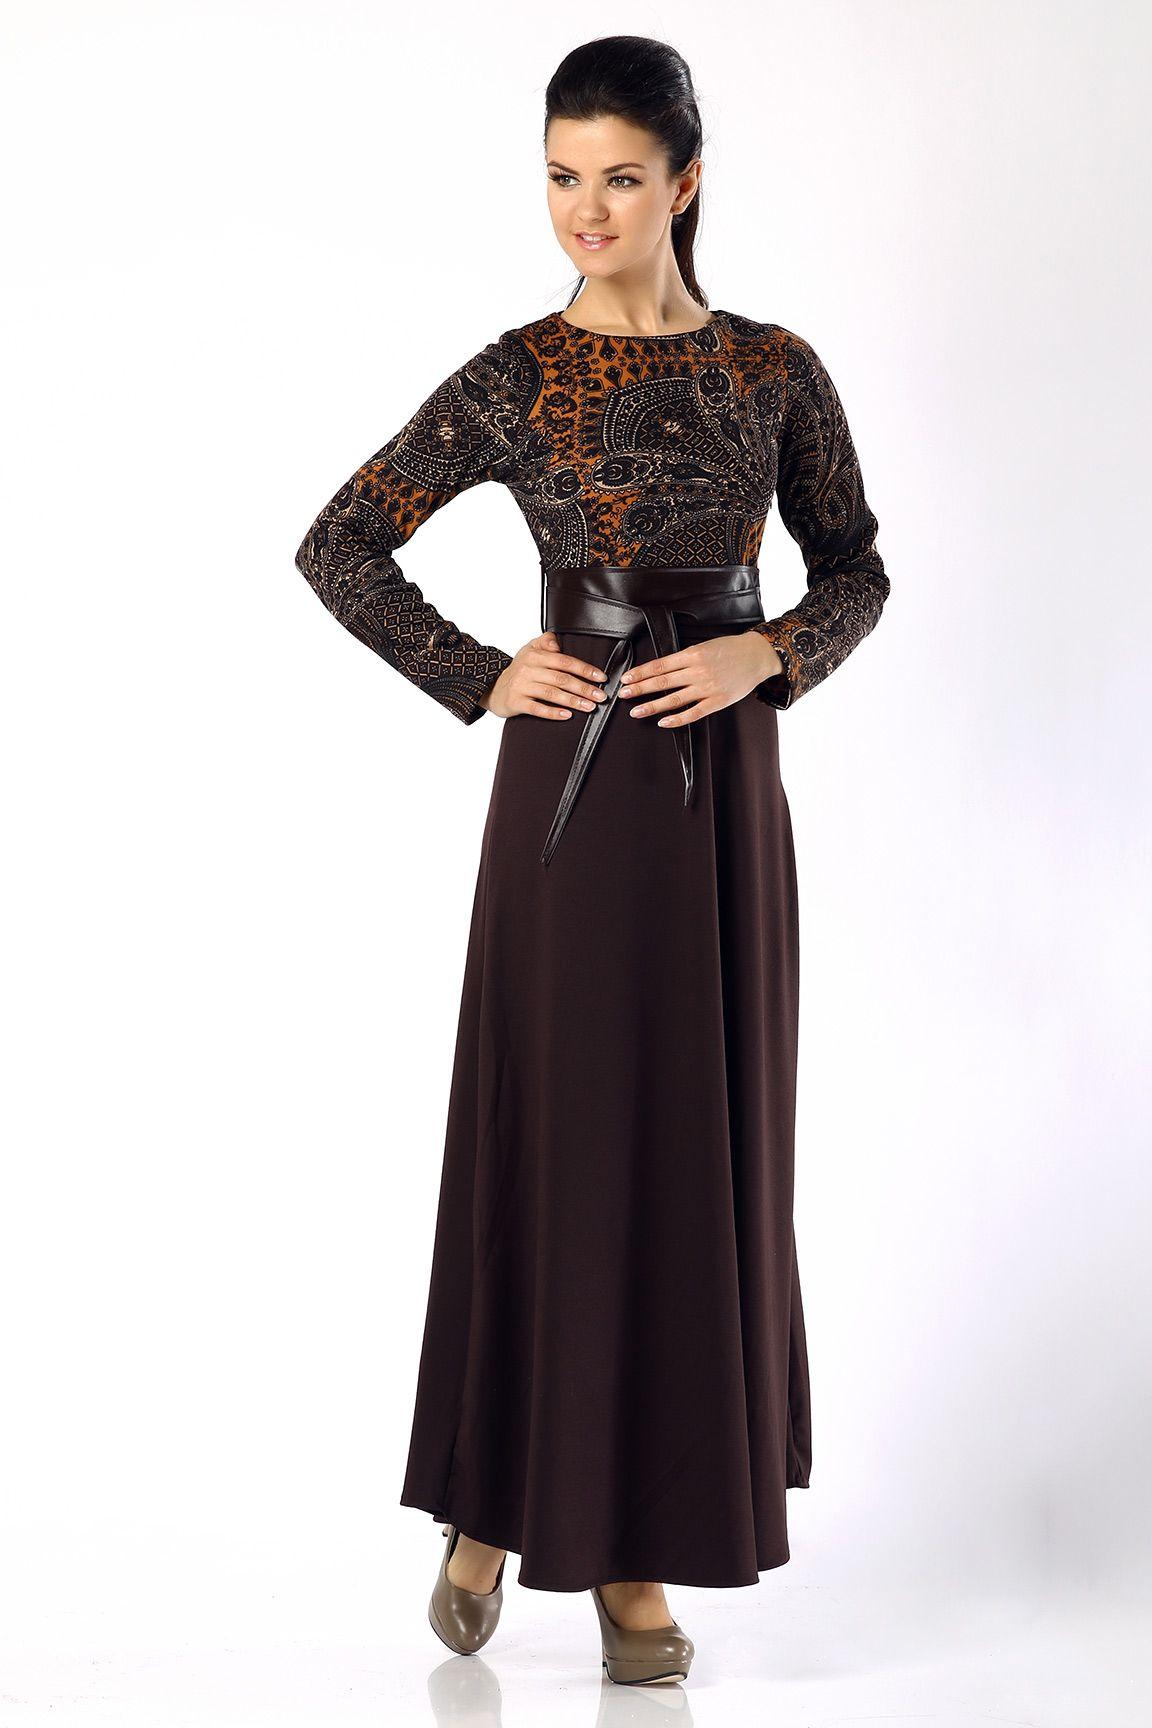 2014 أجمل فساتين الفنانات العربيات باللون الأسود